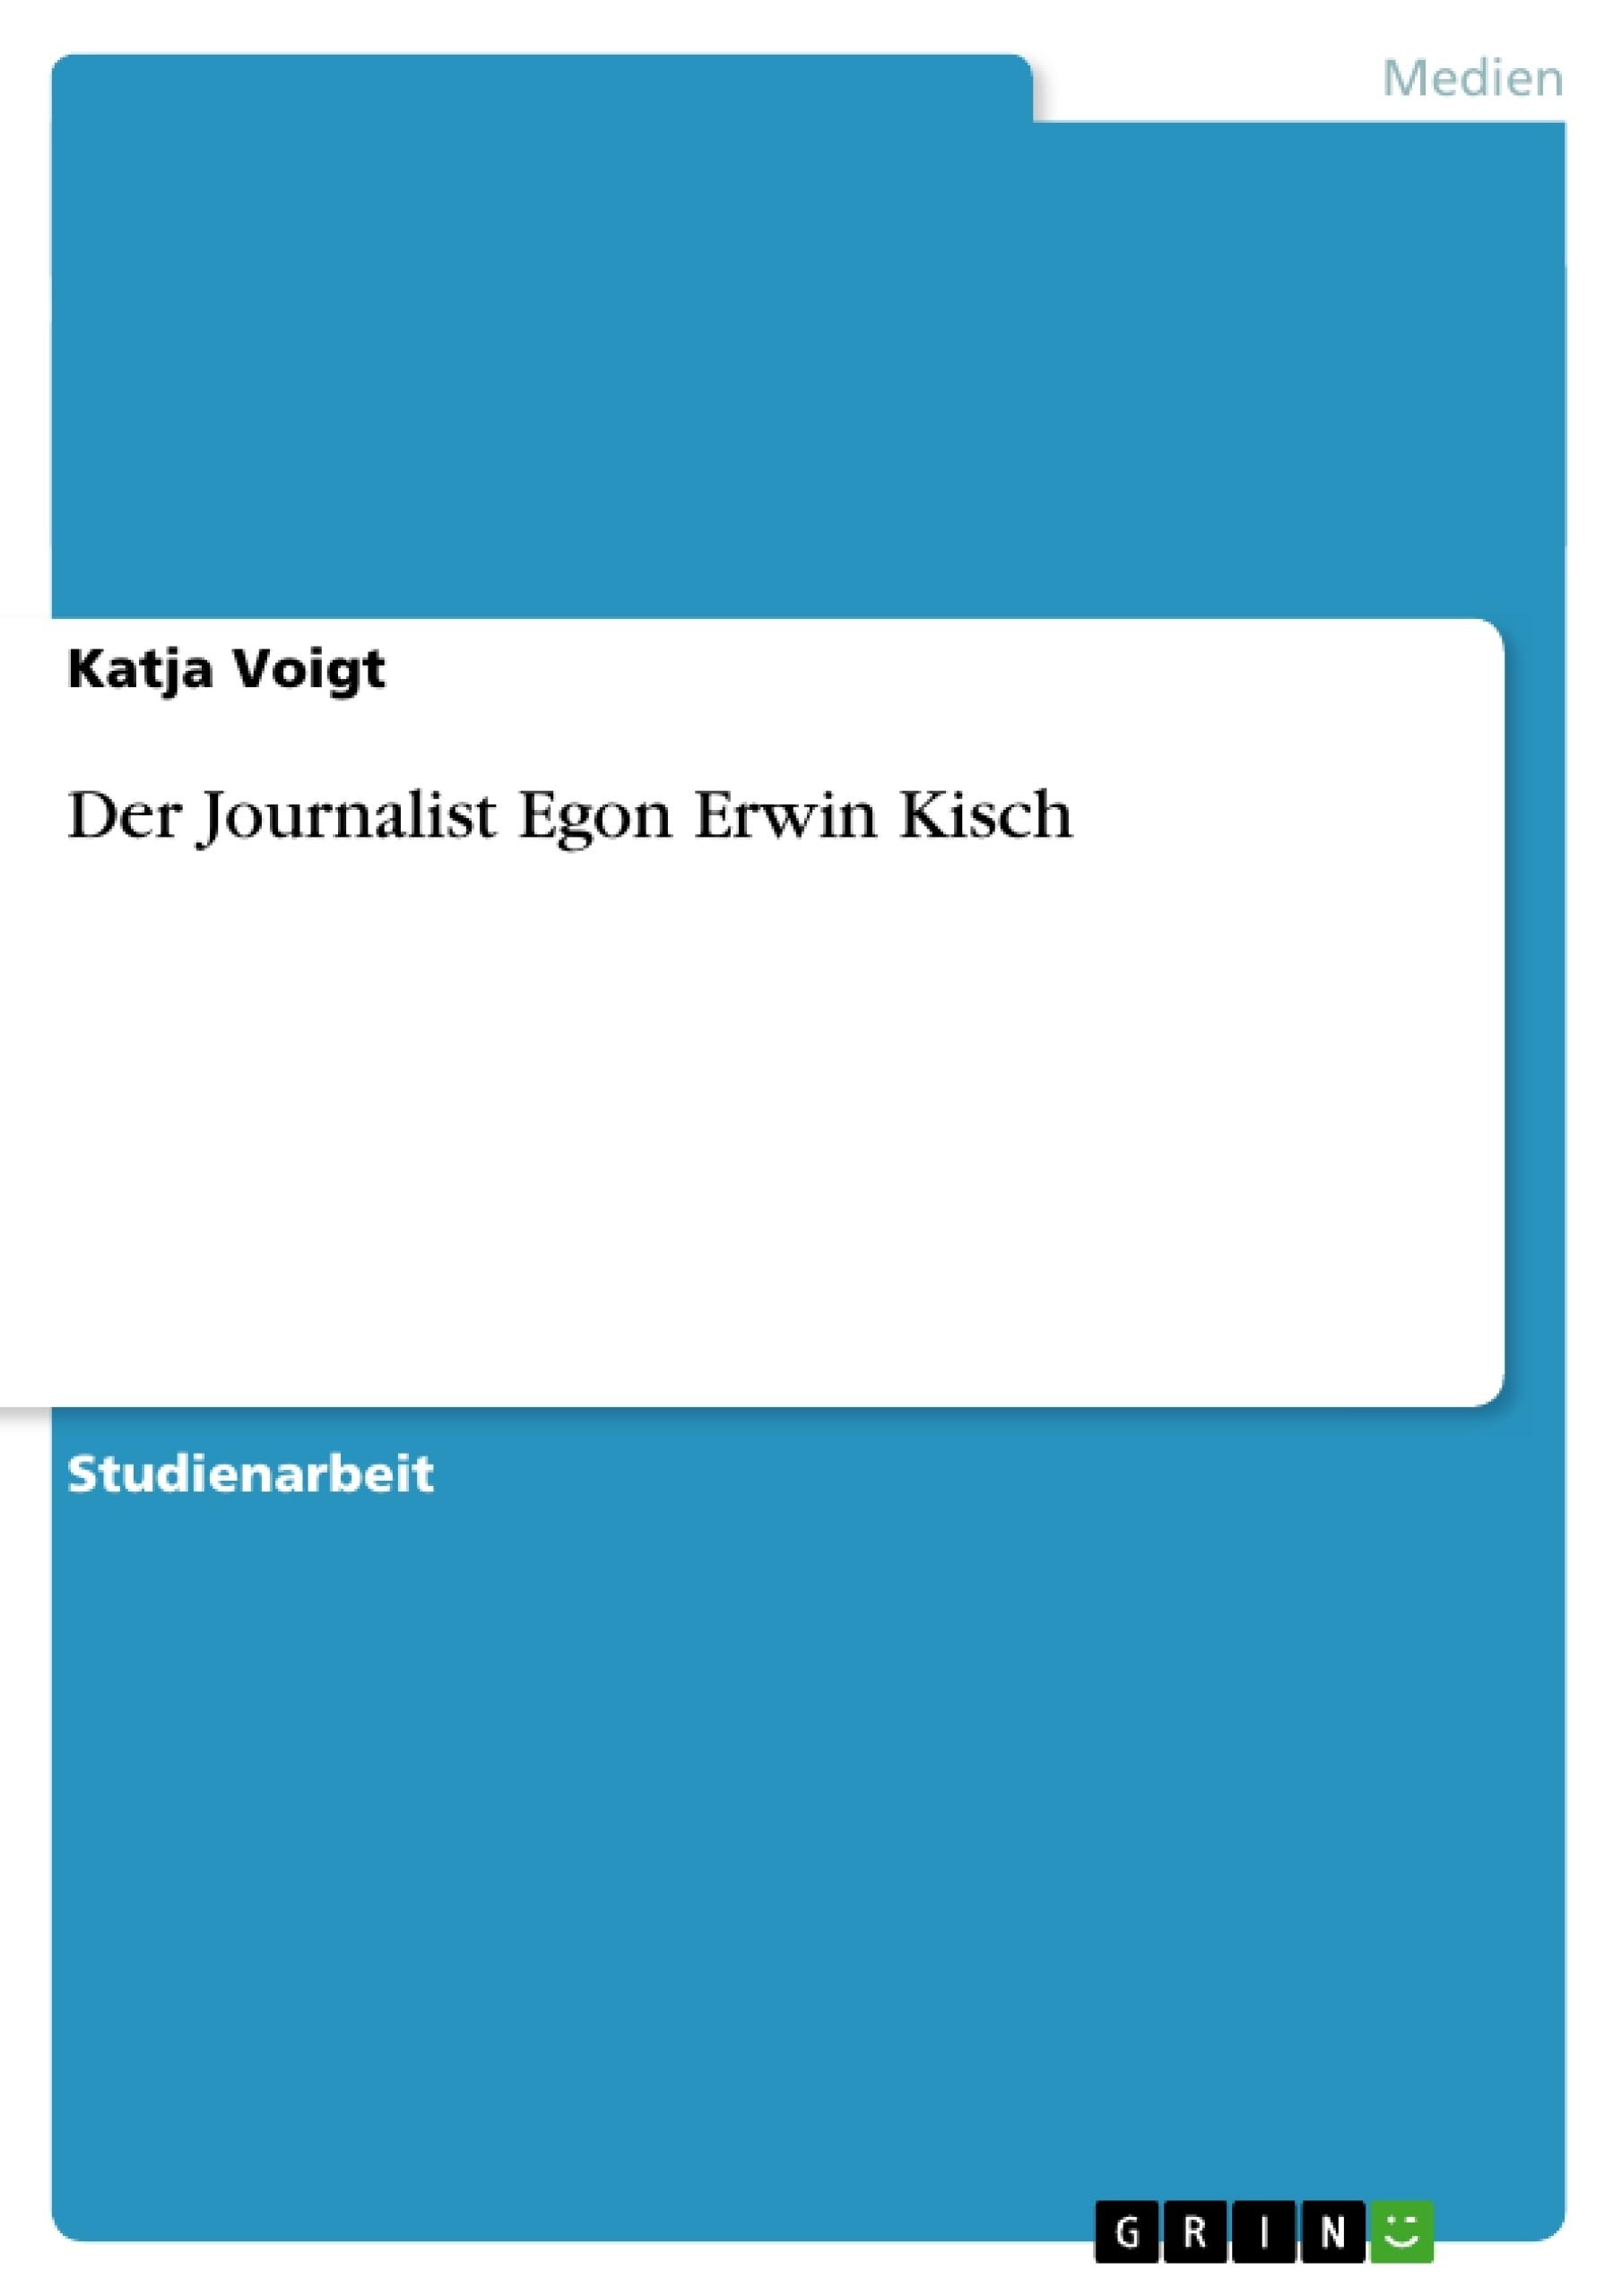 Titel: Der Journalist Egon Erwin Kisch